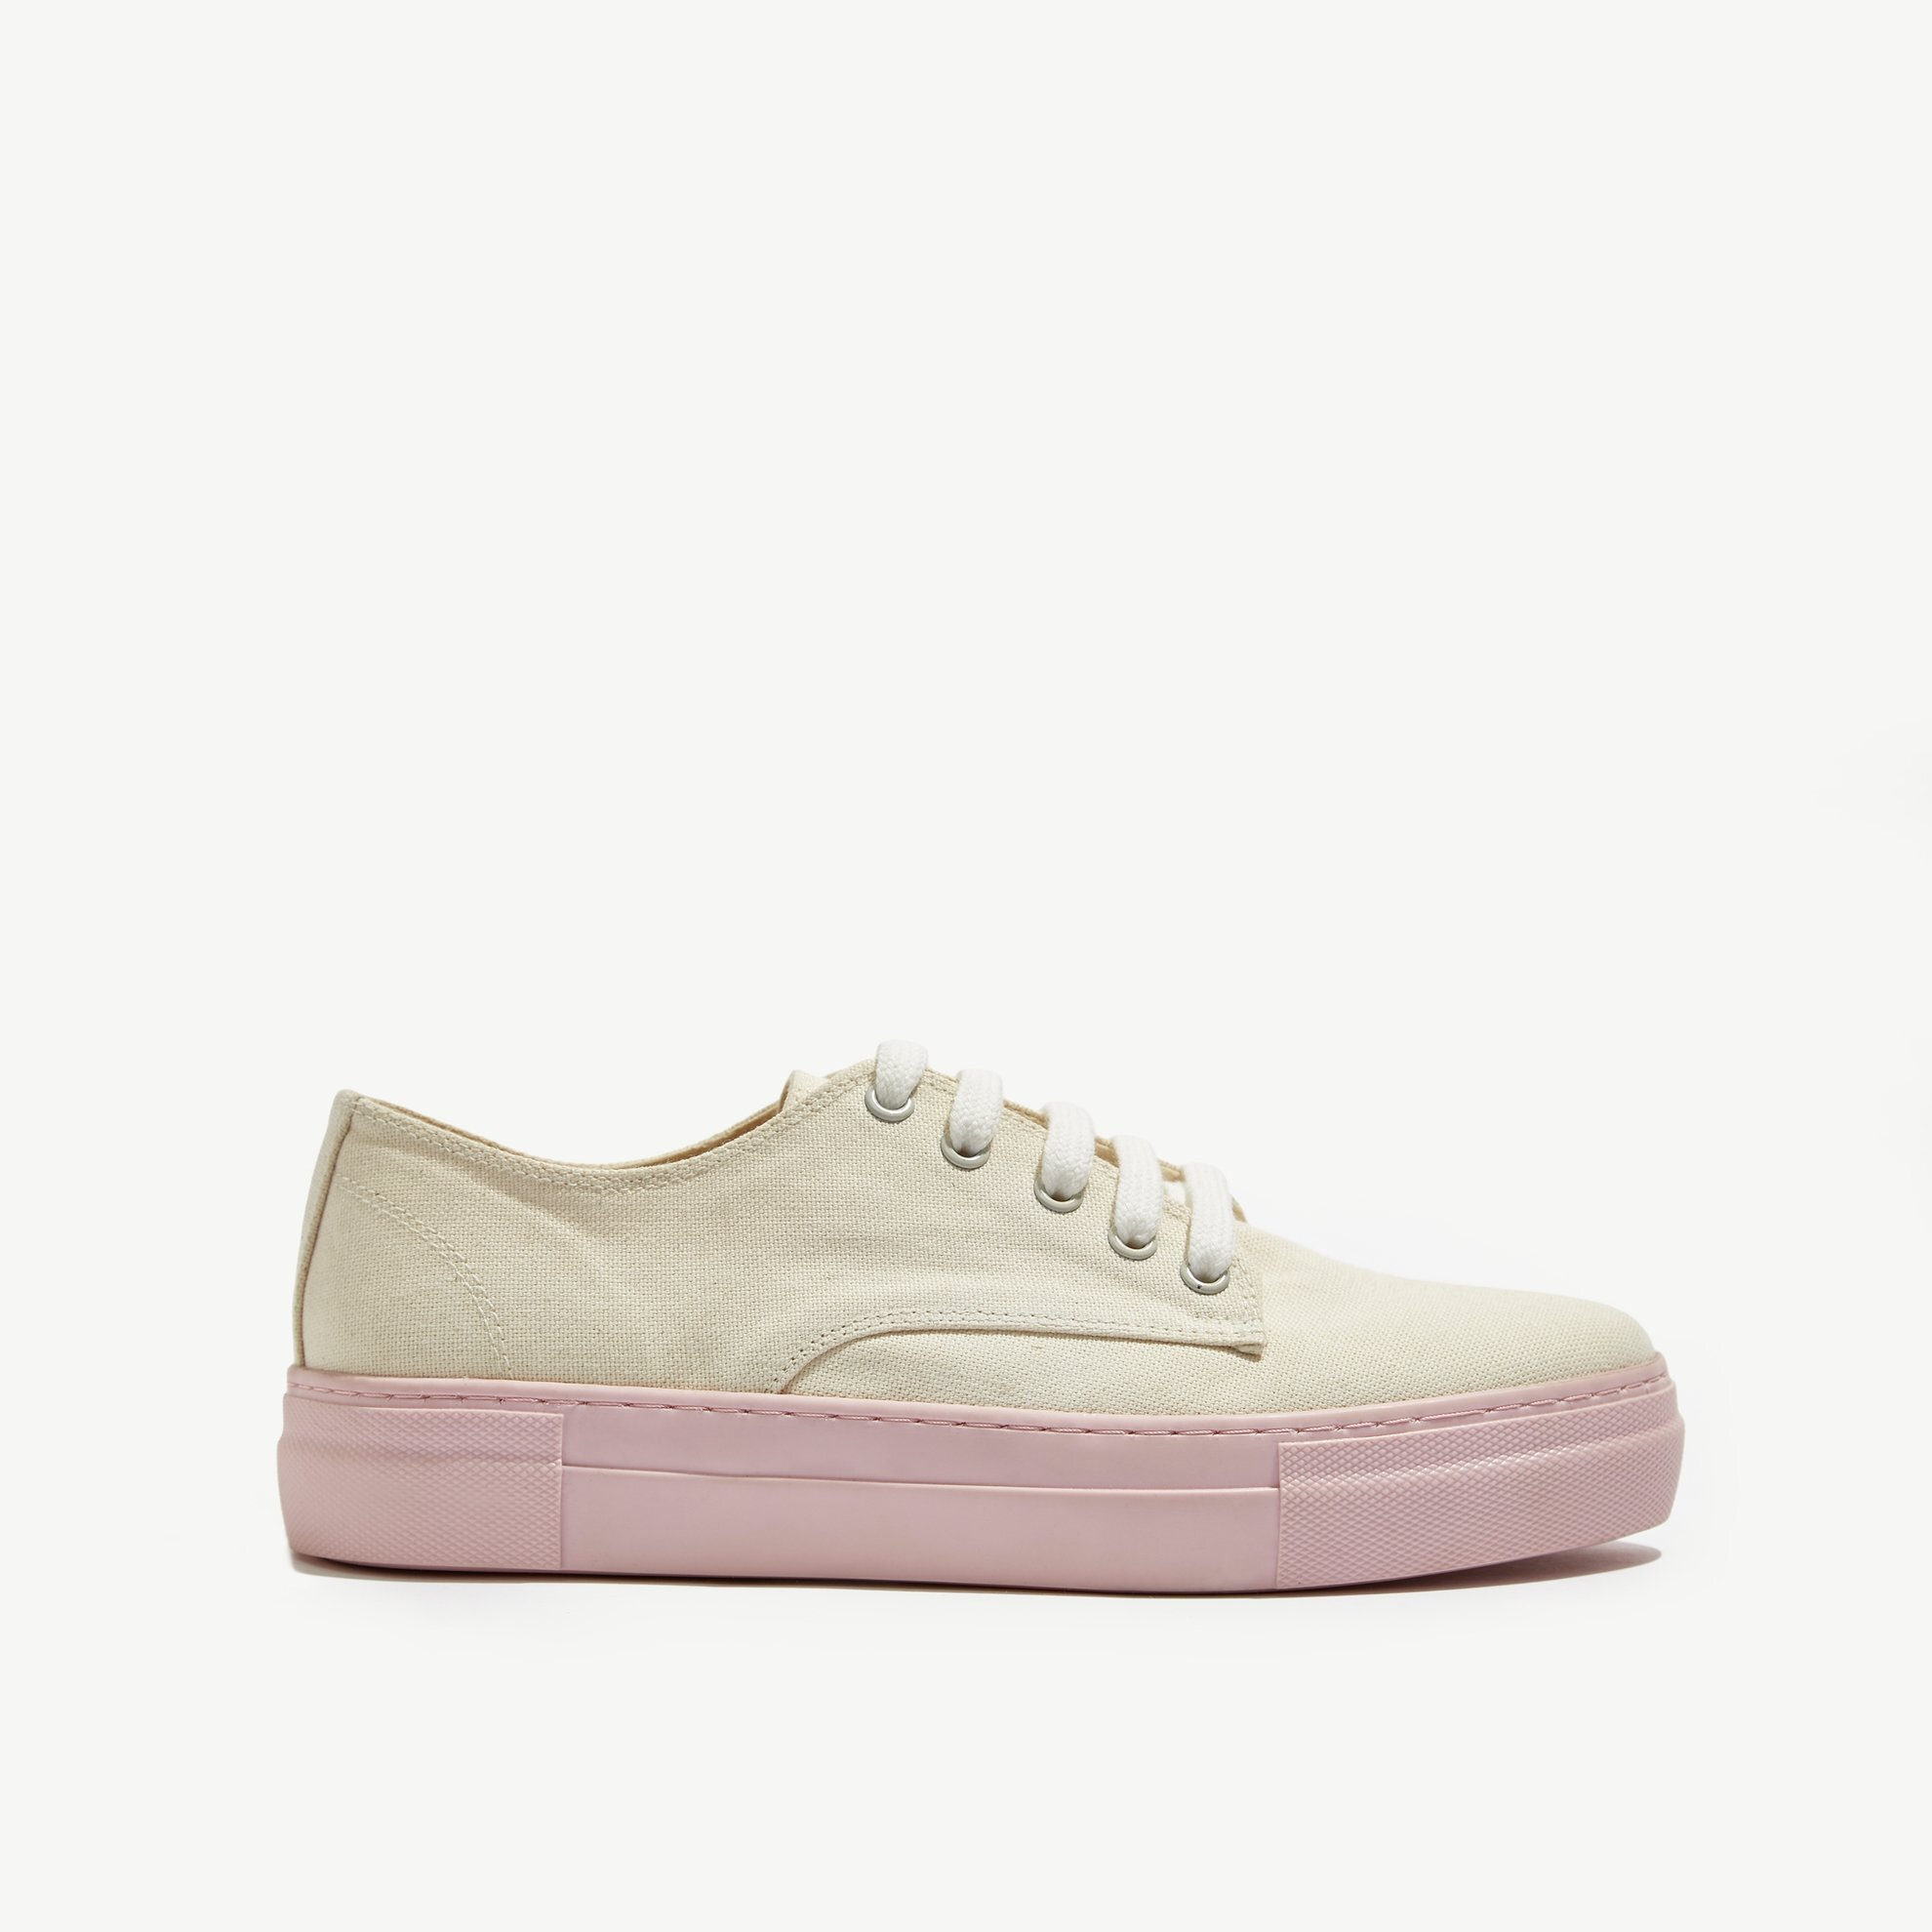 Kumaş Spor Ayakkabı